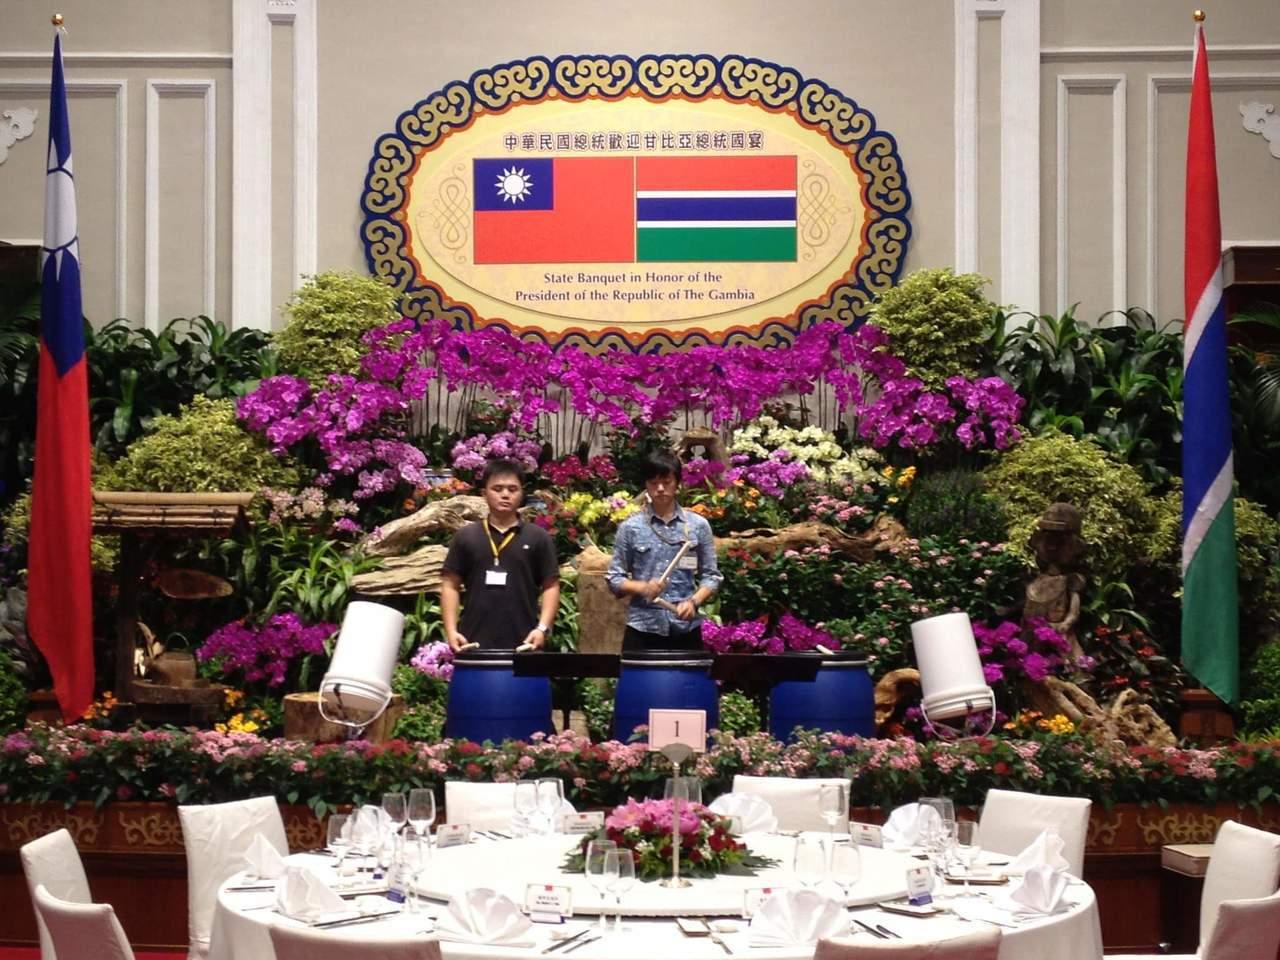 藉著音樂赴西非等地文化交流,也曾於甘比亞總統來台國宴中演出。 章瑋倫提供